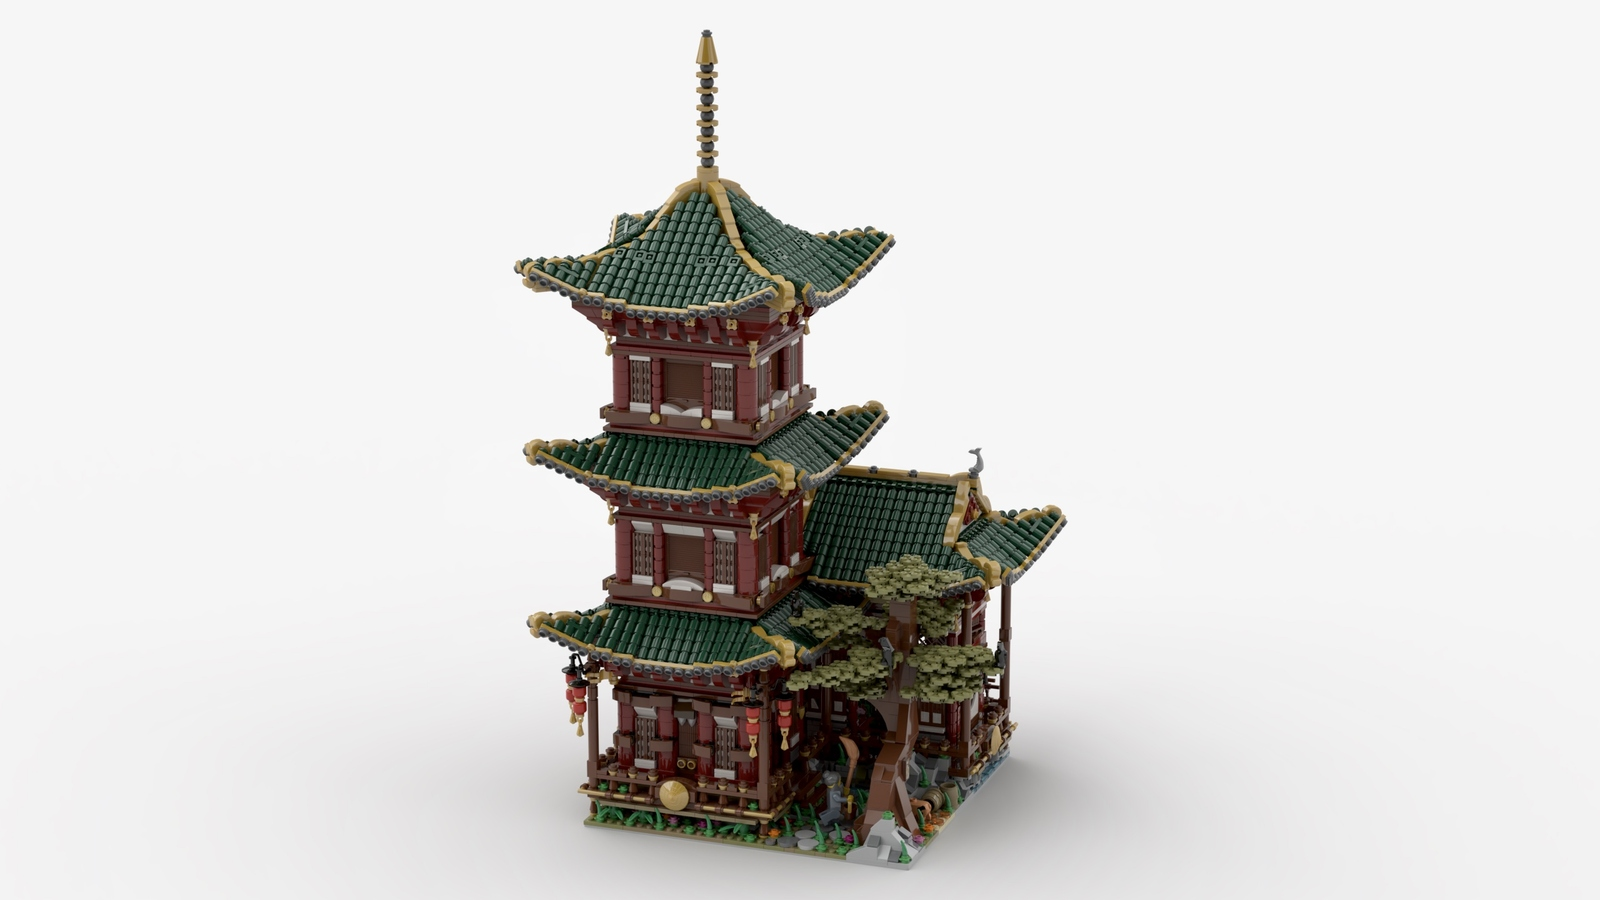 Lego Ideas - Σελίδα 20 5800182-o_1cpmvosj5r3cahf13232d68l7e-thumbnail-full